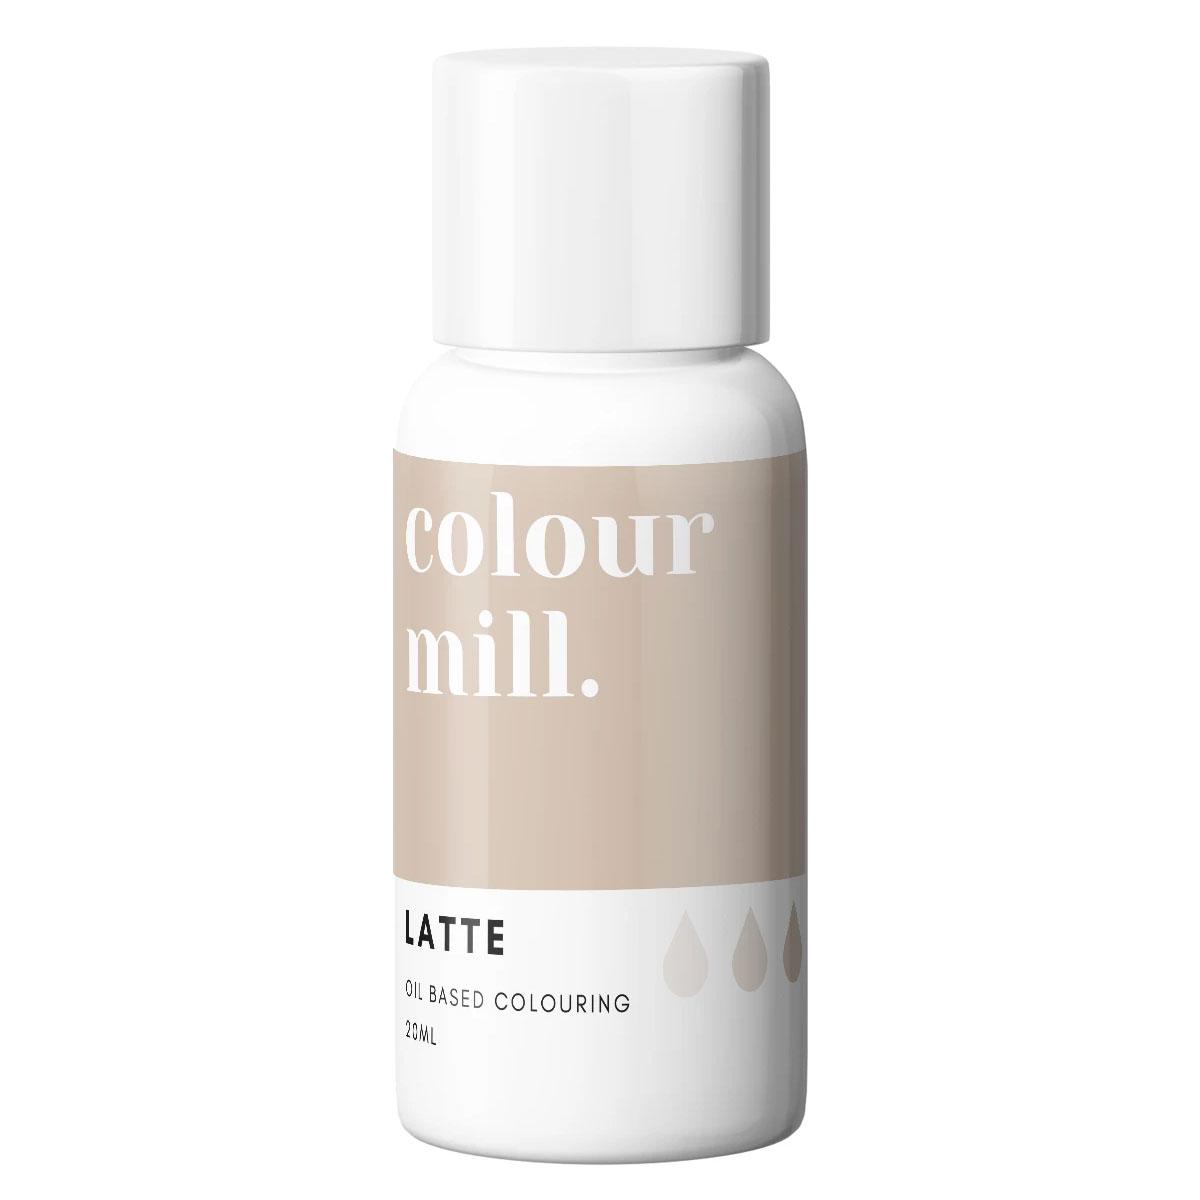 Colour Mill fettlösliche Lebensmittelfarbe - Latte 20ml